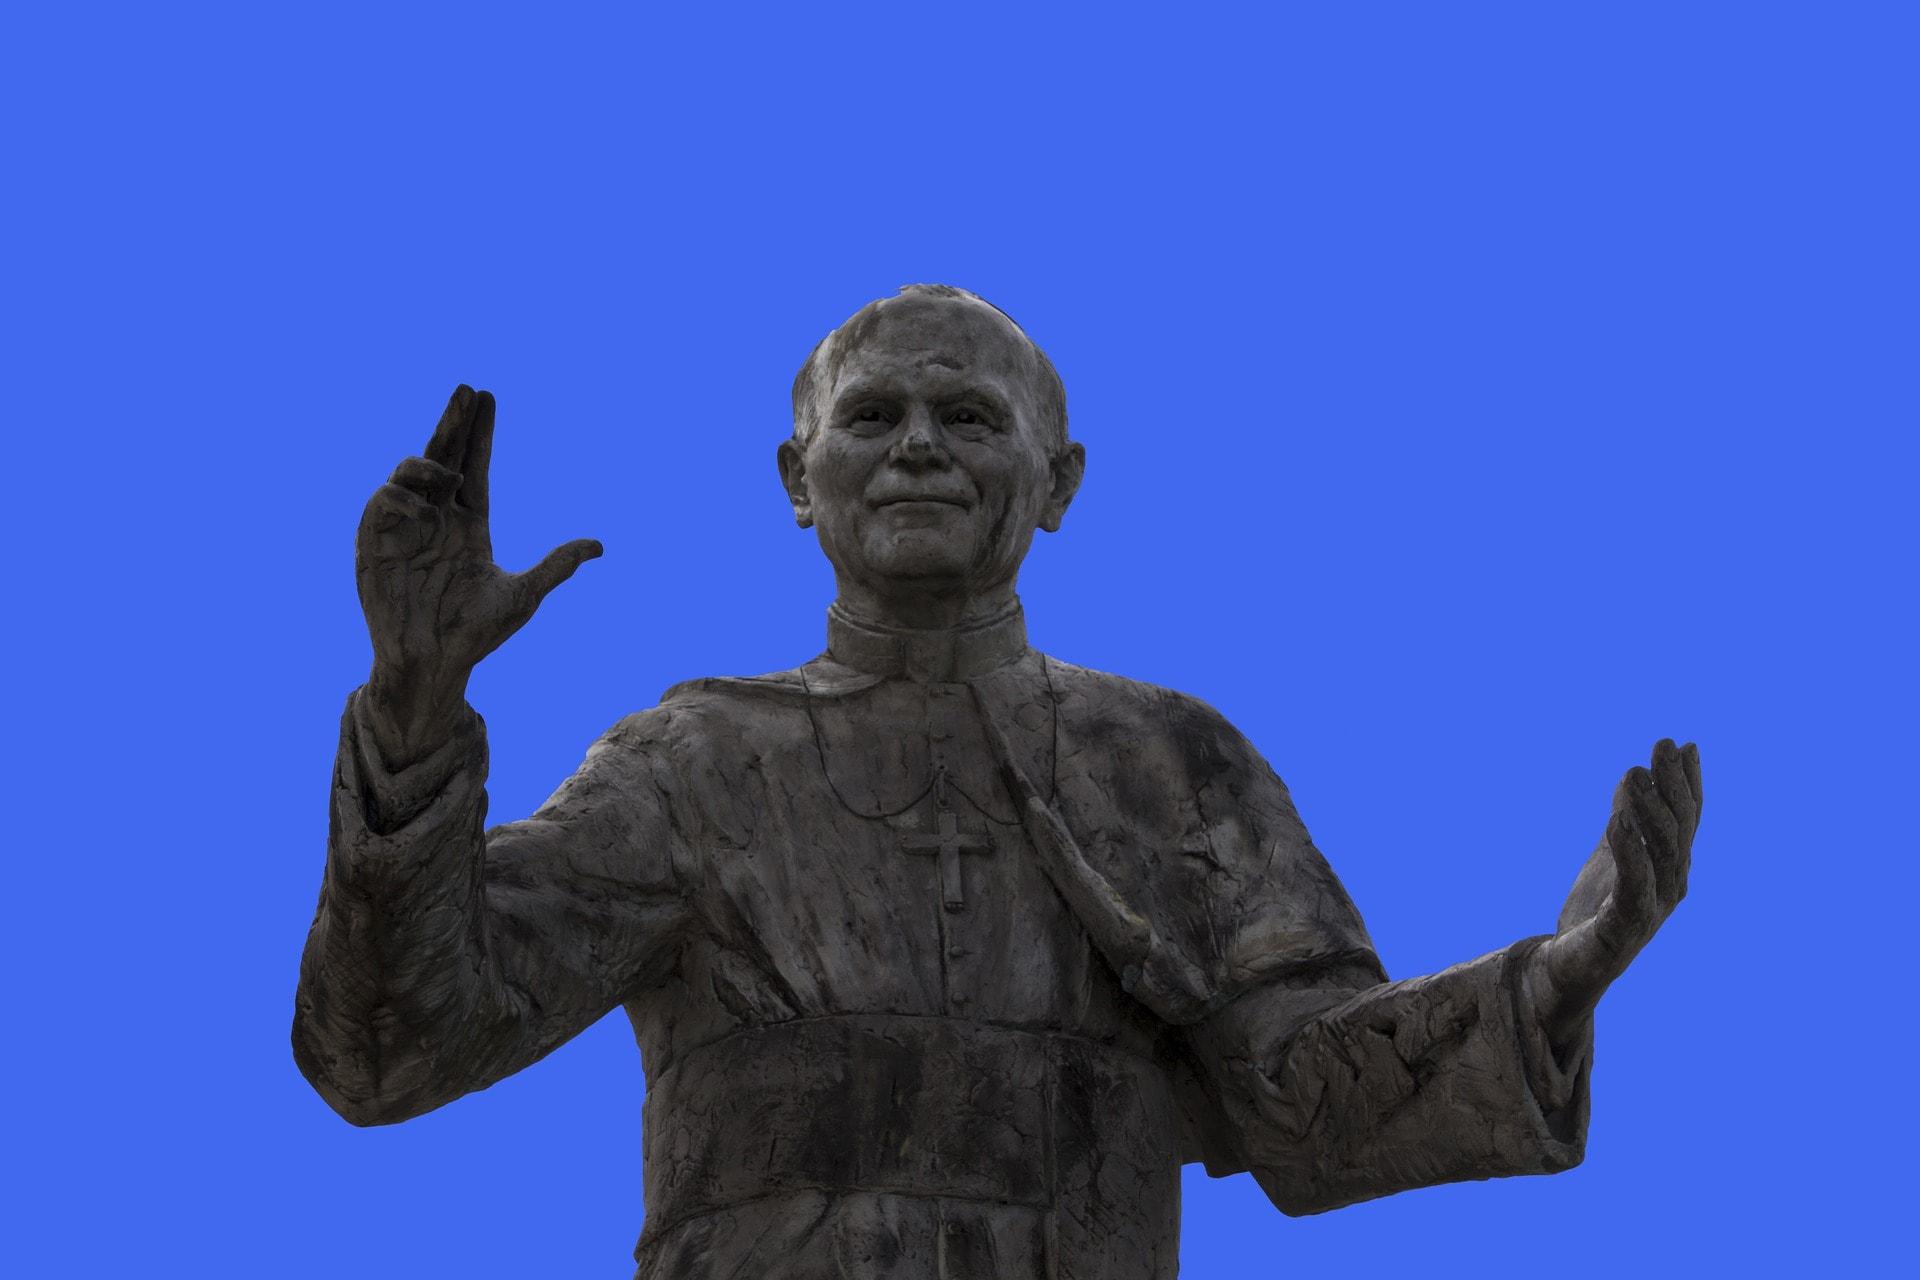 Saint Jean-Paul II statue